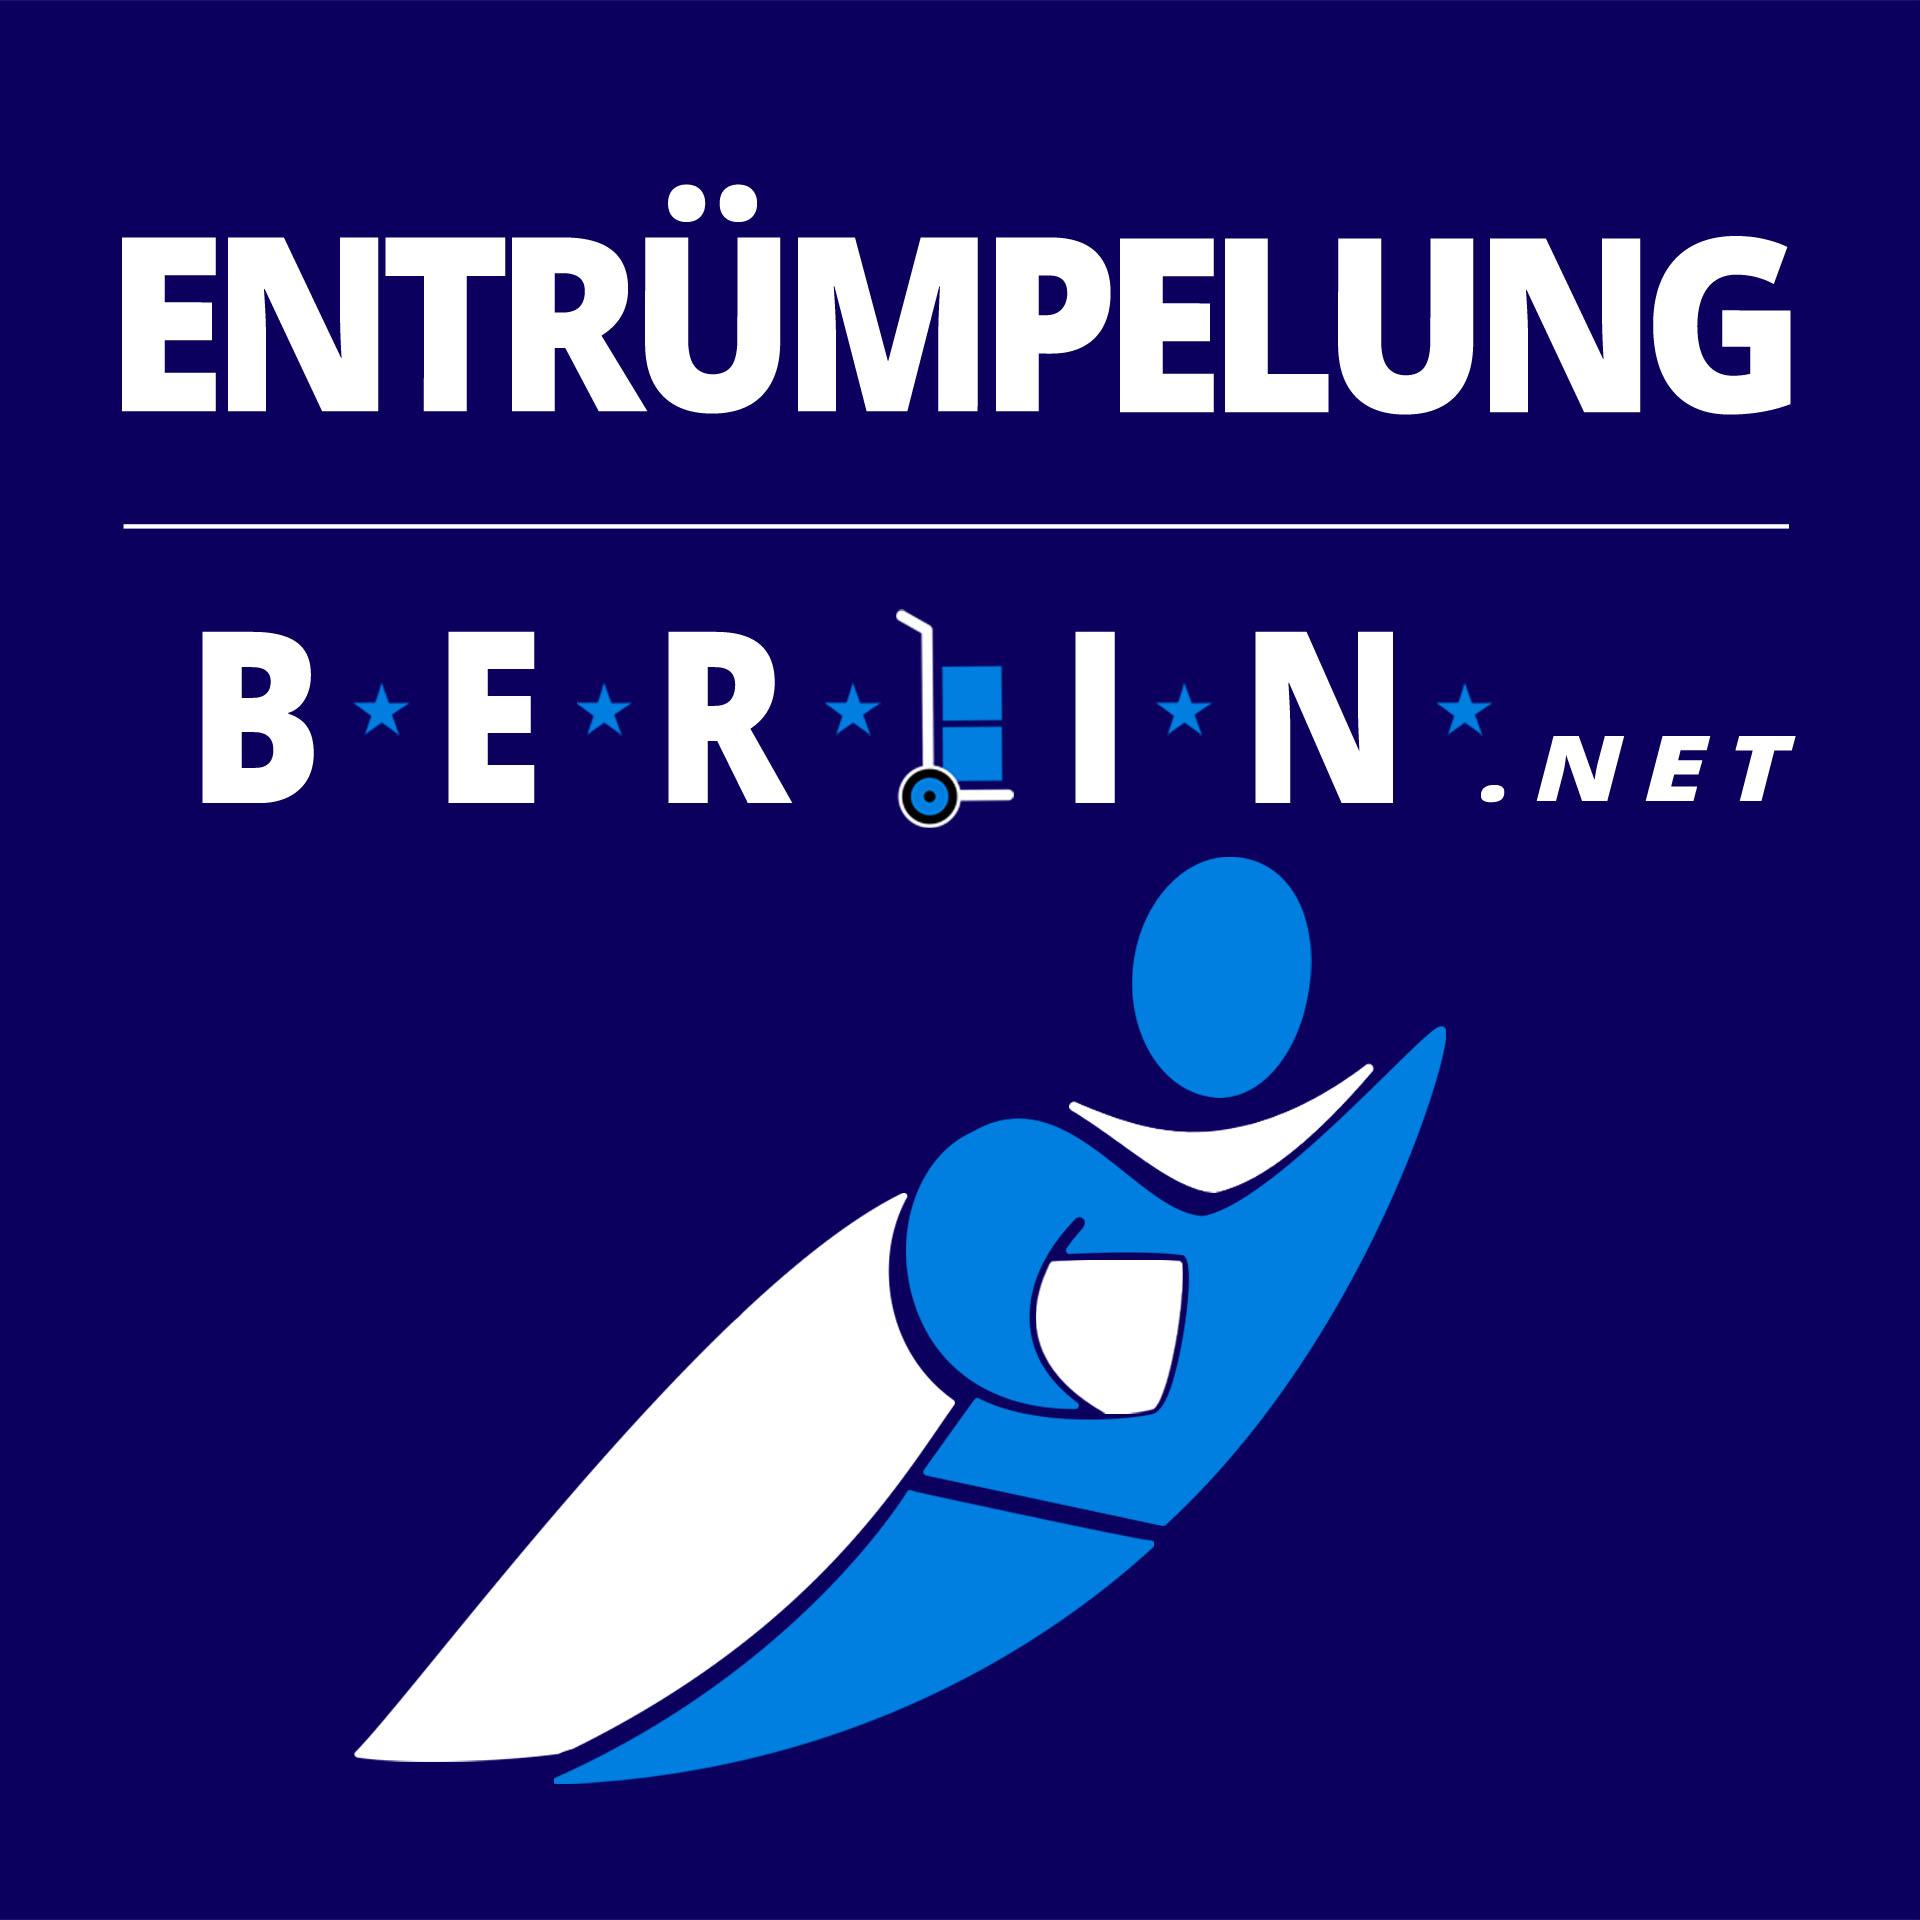 entruempelung-berlin